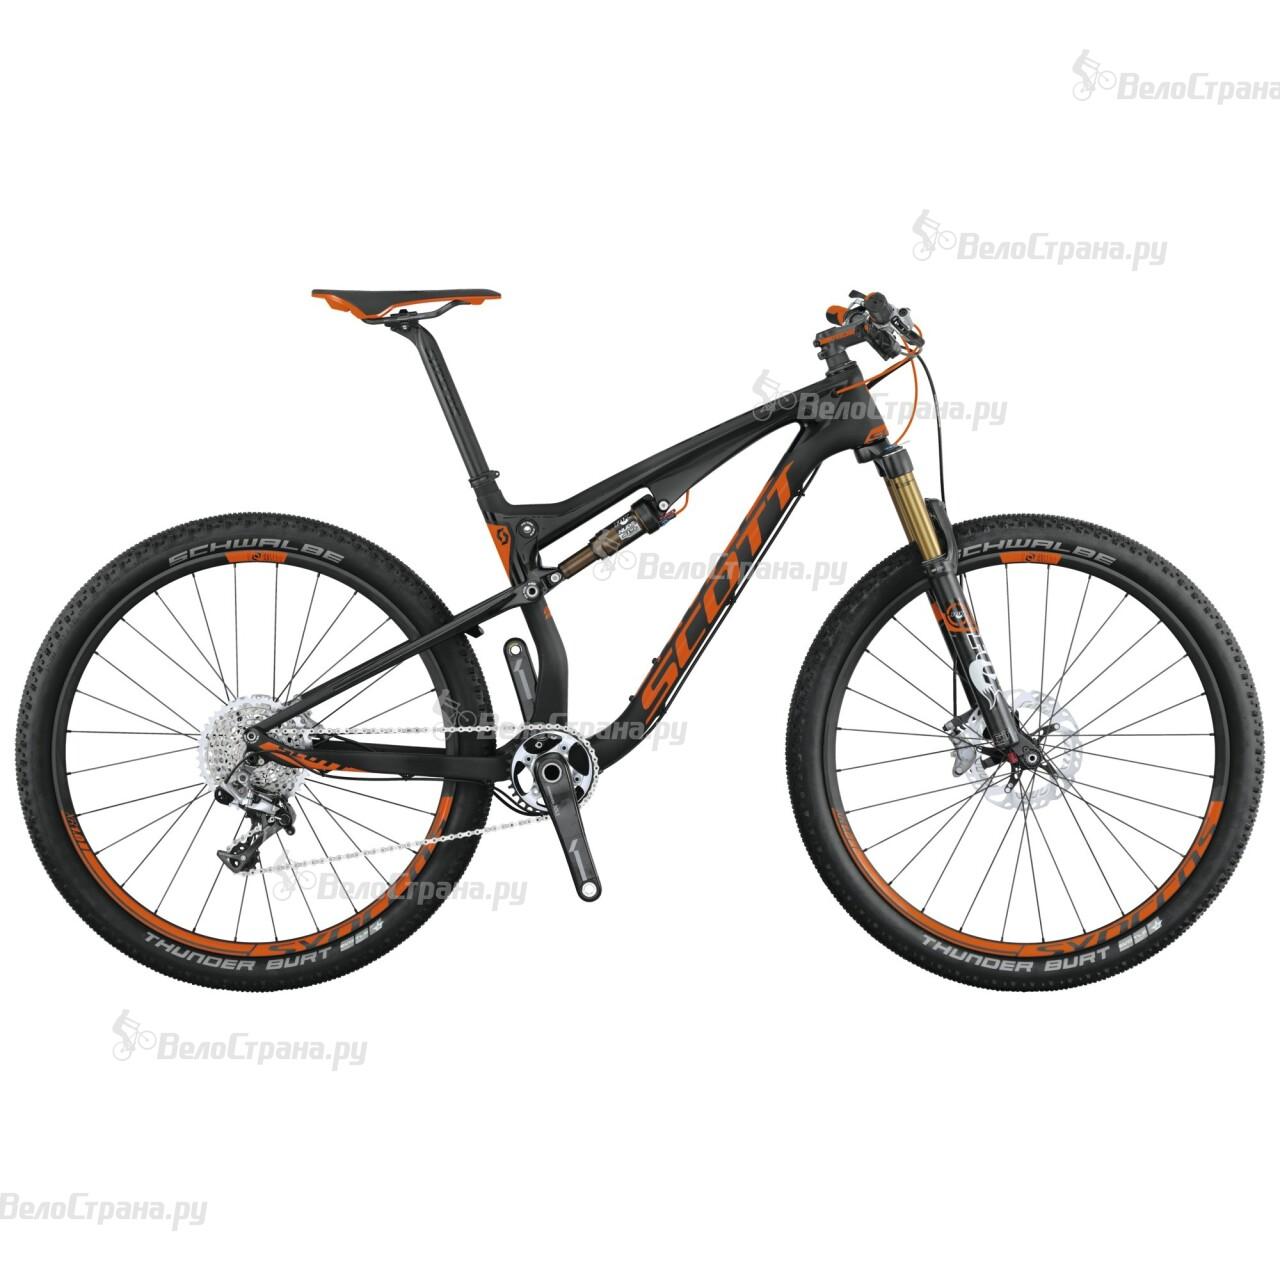 Велосипед Scott Spark 700 SL (2015) велосипед scott spark 700 premium 2015